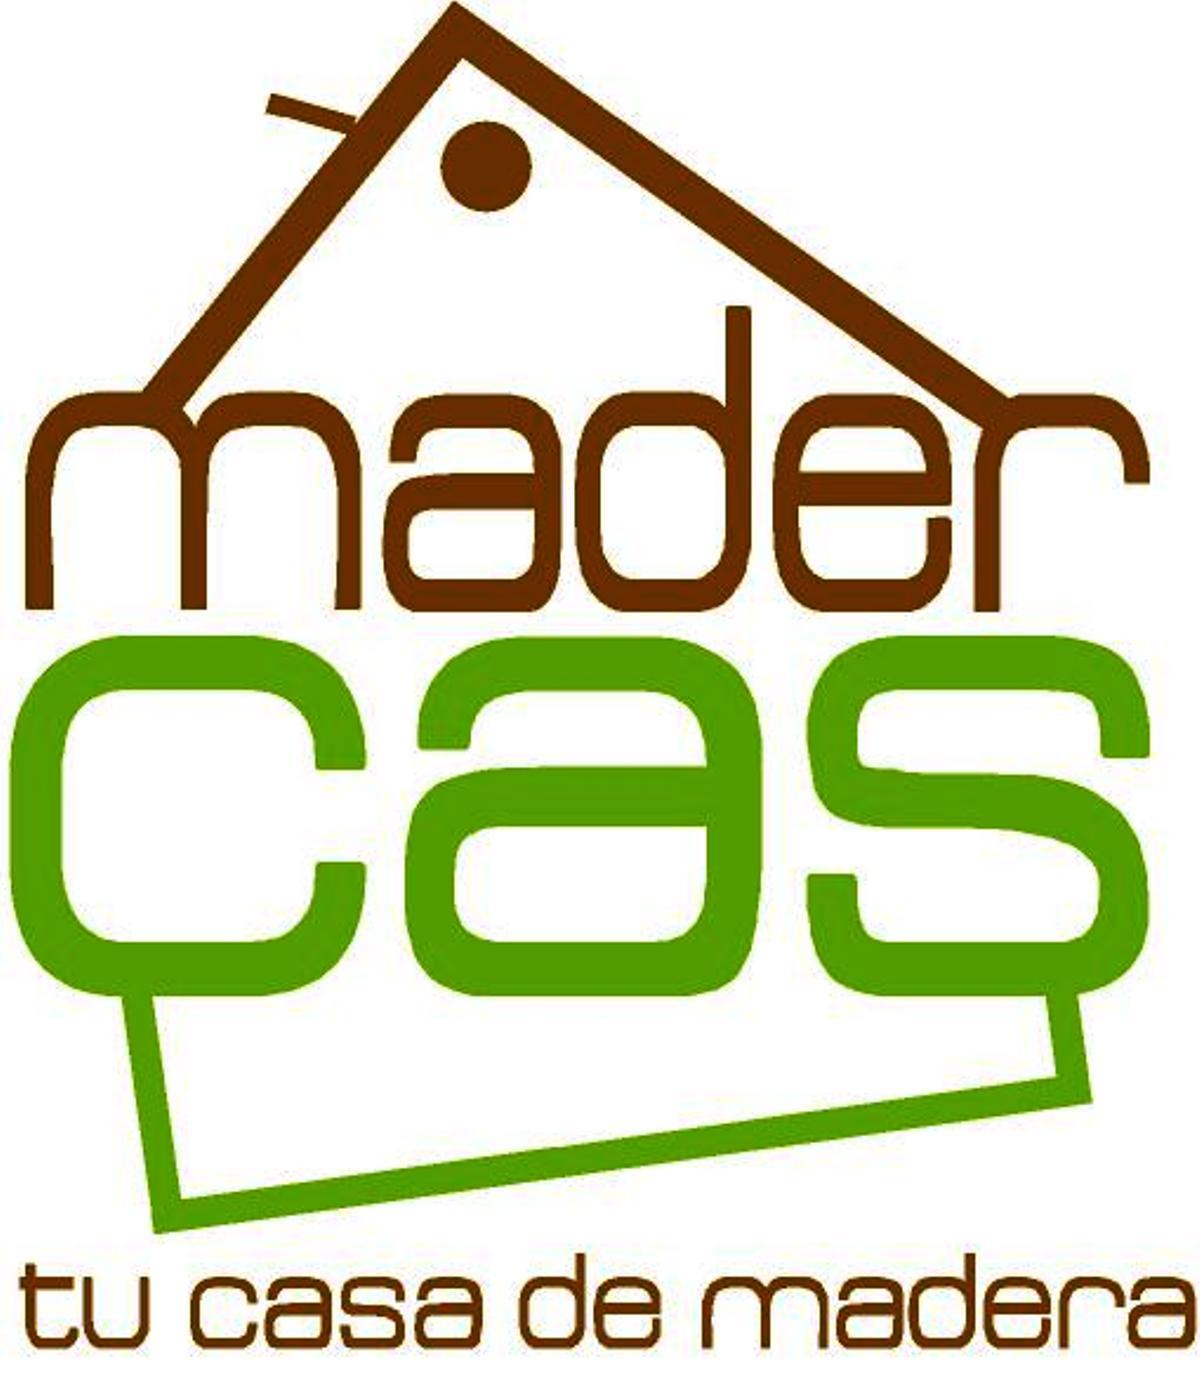 Casas De Madera Madercás